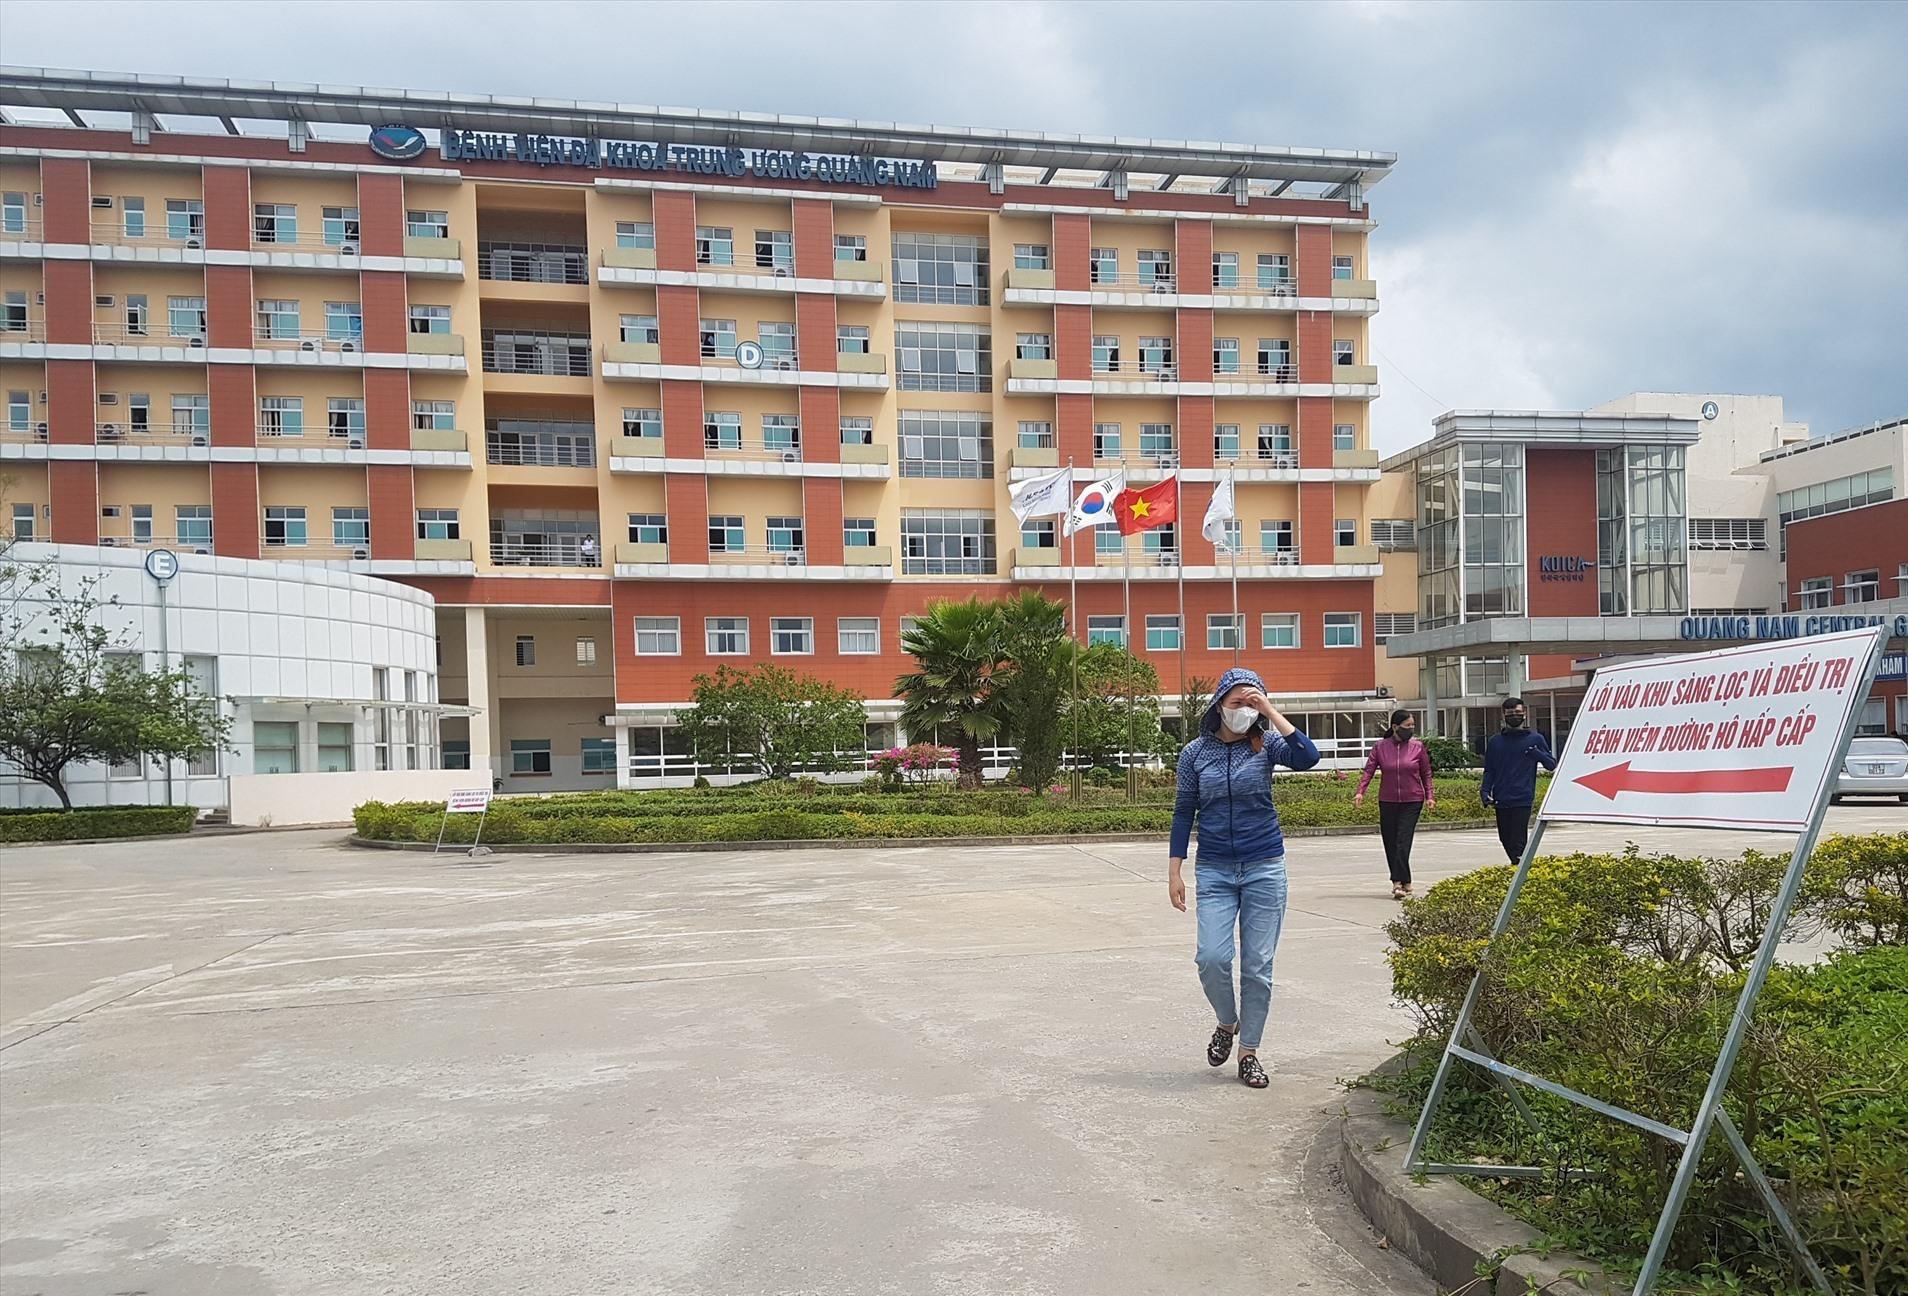 Bệnh viện Đa khoa Trung ương Quảng Nam tập trung nhân lực điều trị bệnh nhân nhiễm Covid-19. Ảnh: Đ.L